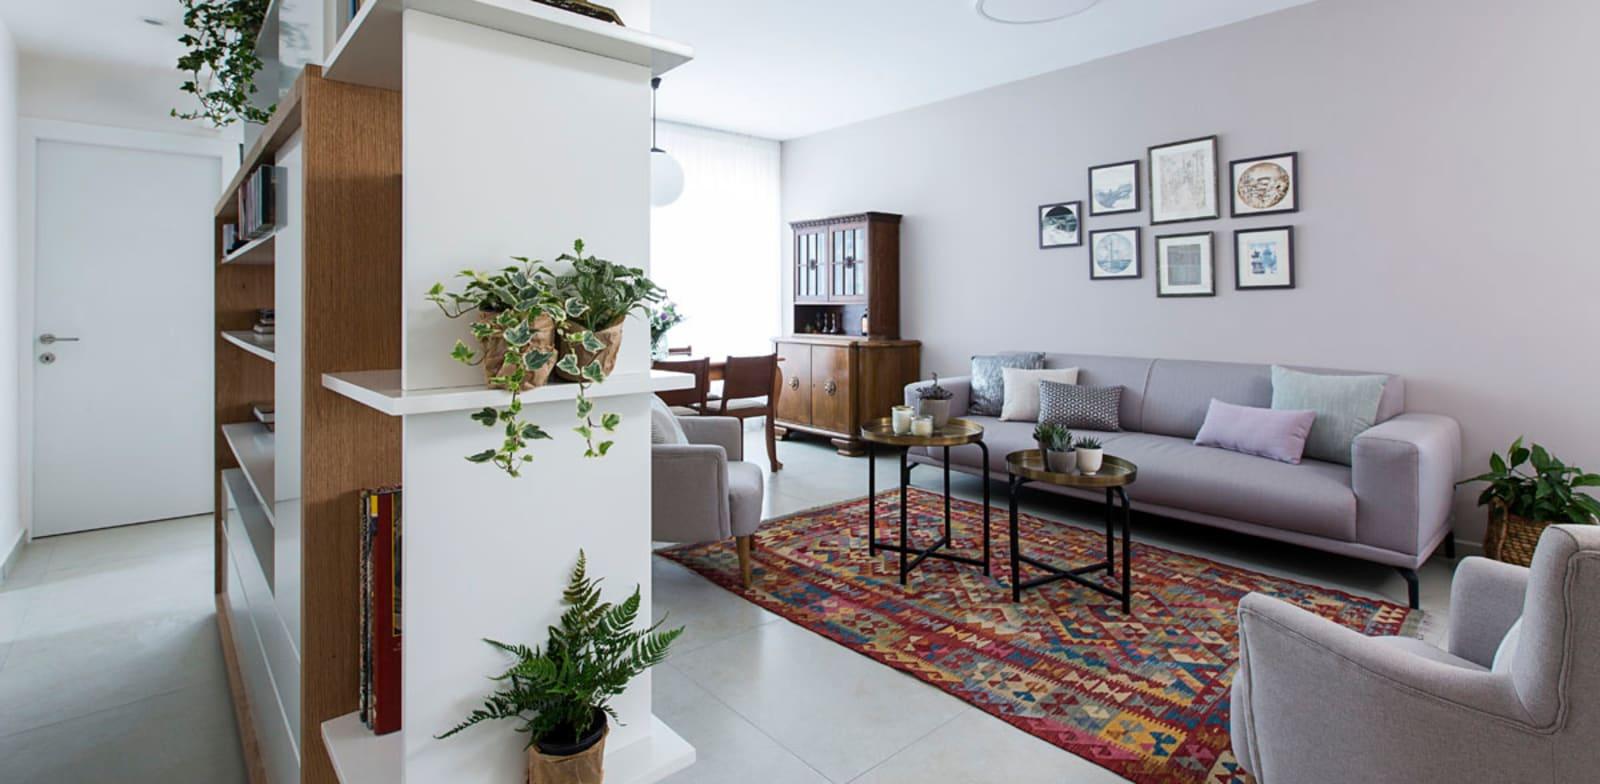 דירה בעיצוב נטע גולדשטיין / צילום: רז רוגובסקי